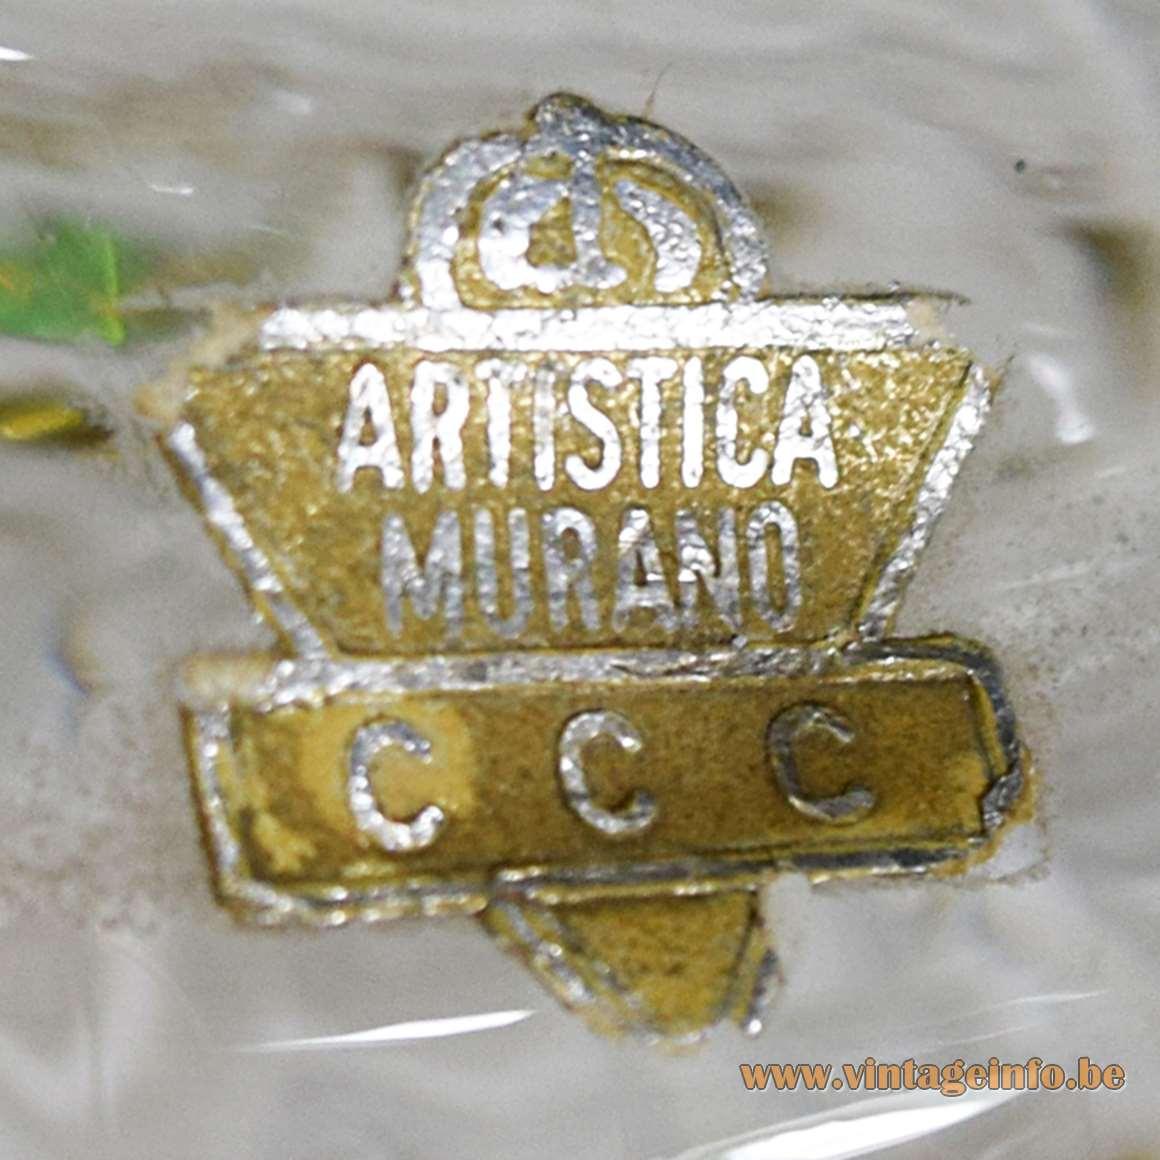 Artistica Murano CCC label